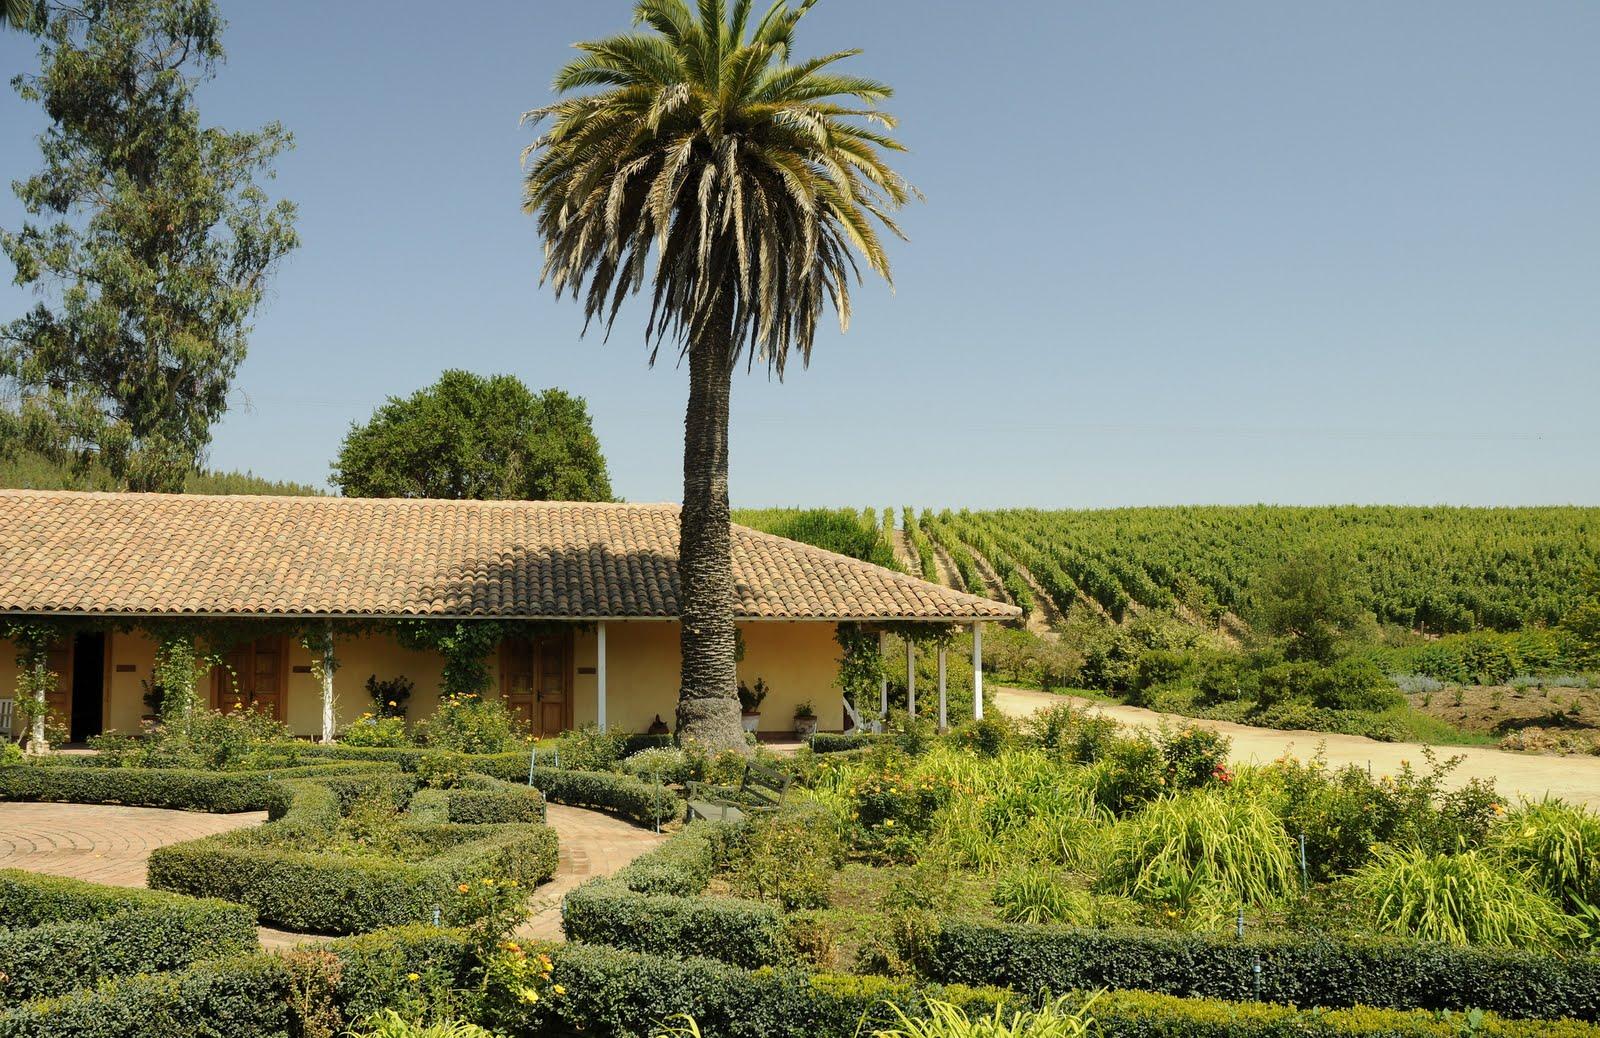 Novedades turisticas el espect culo del vino una for Novedades del espectaculo